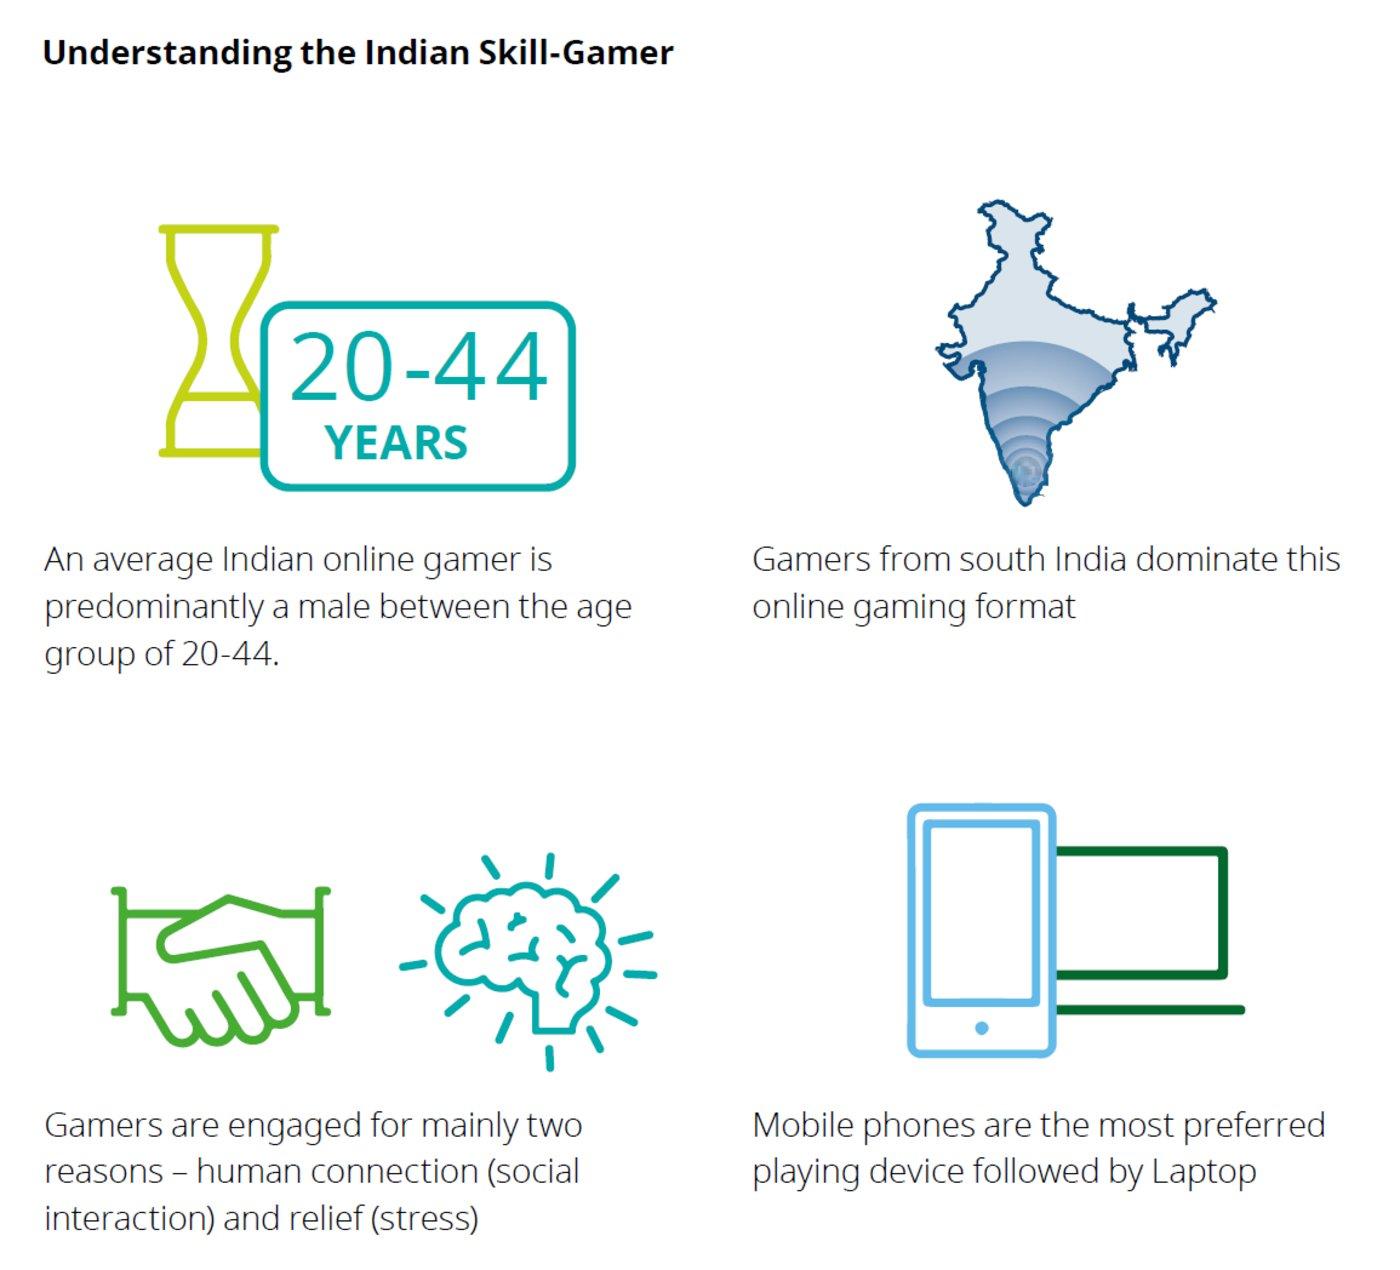 印度技巧类游戏的用户画像(2018年)/Deloitte